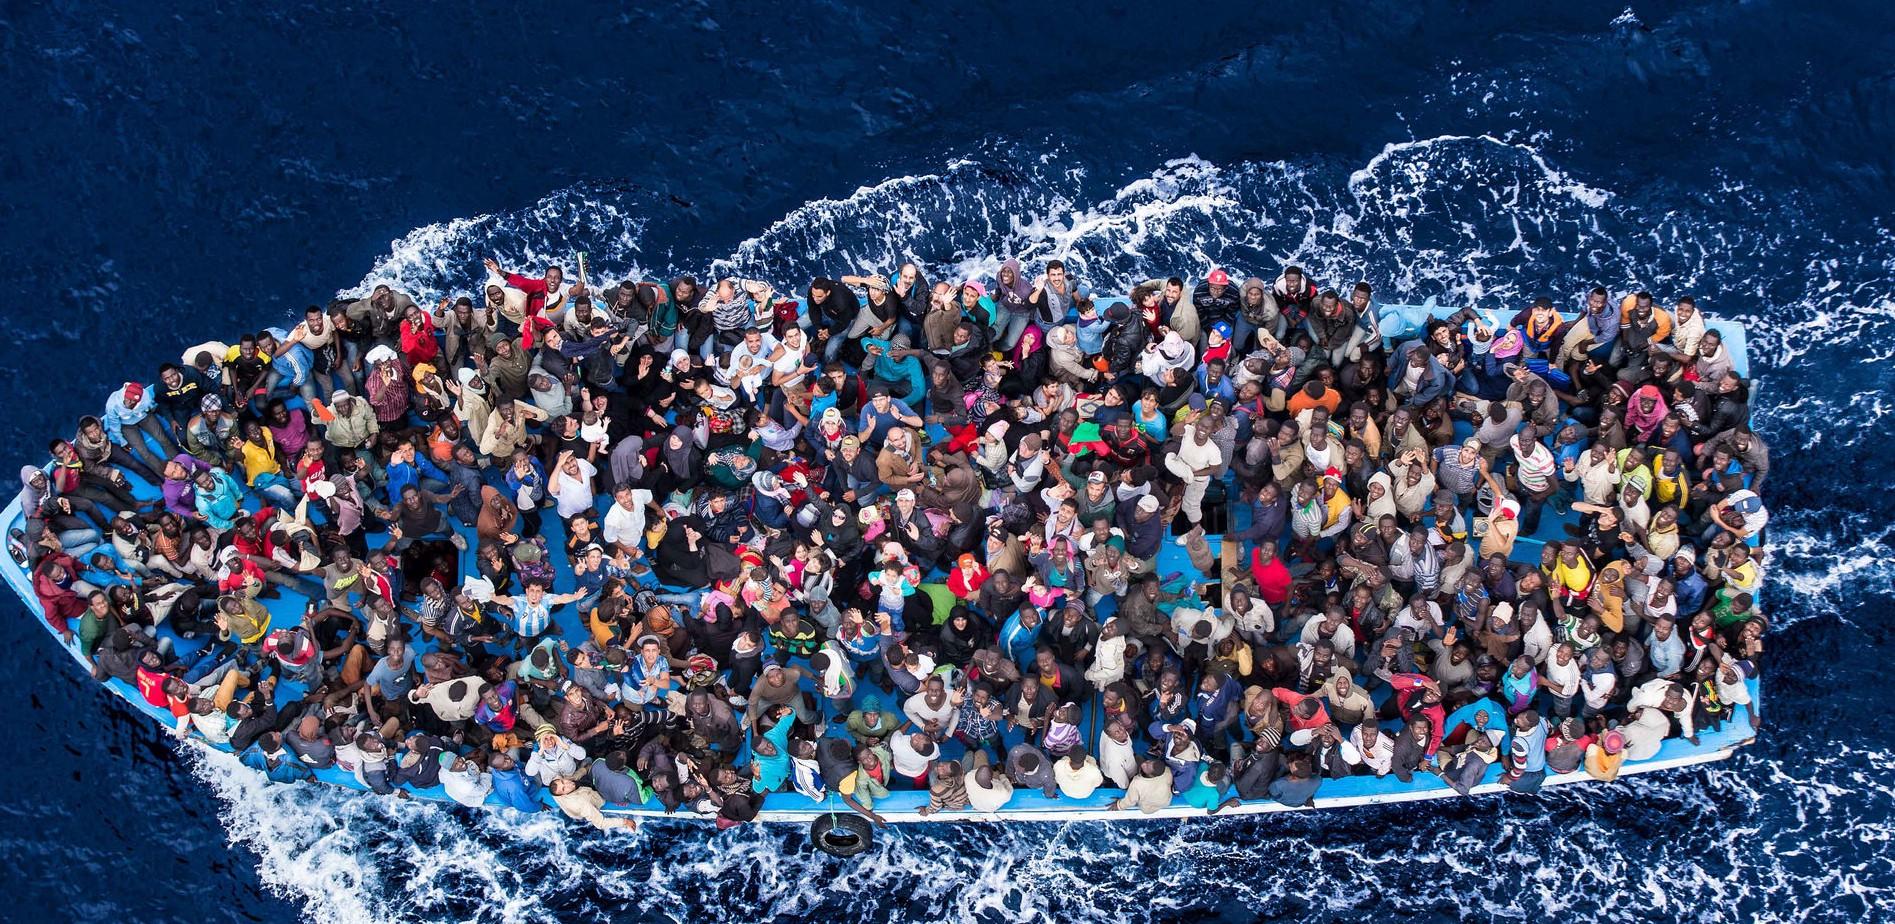 [#Accueil des migrants : le Serment du 104. Une démarche que je salue et soutien afin de revenir à des fondamentaux humanistes, dans un monde en perdition, où la valeur humaine n'a plus de sens. Signons massivement. Bally BAGAYOKO]